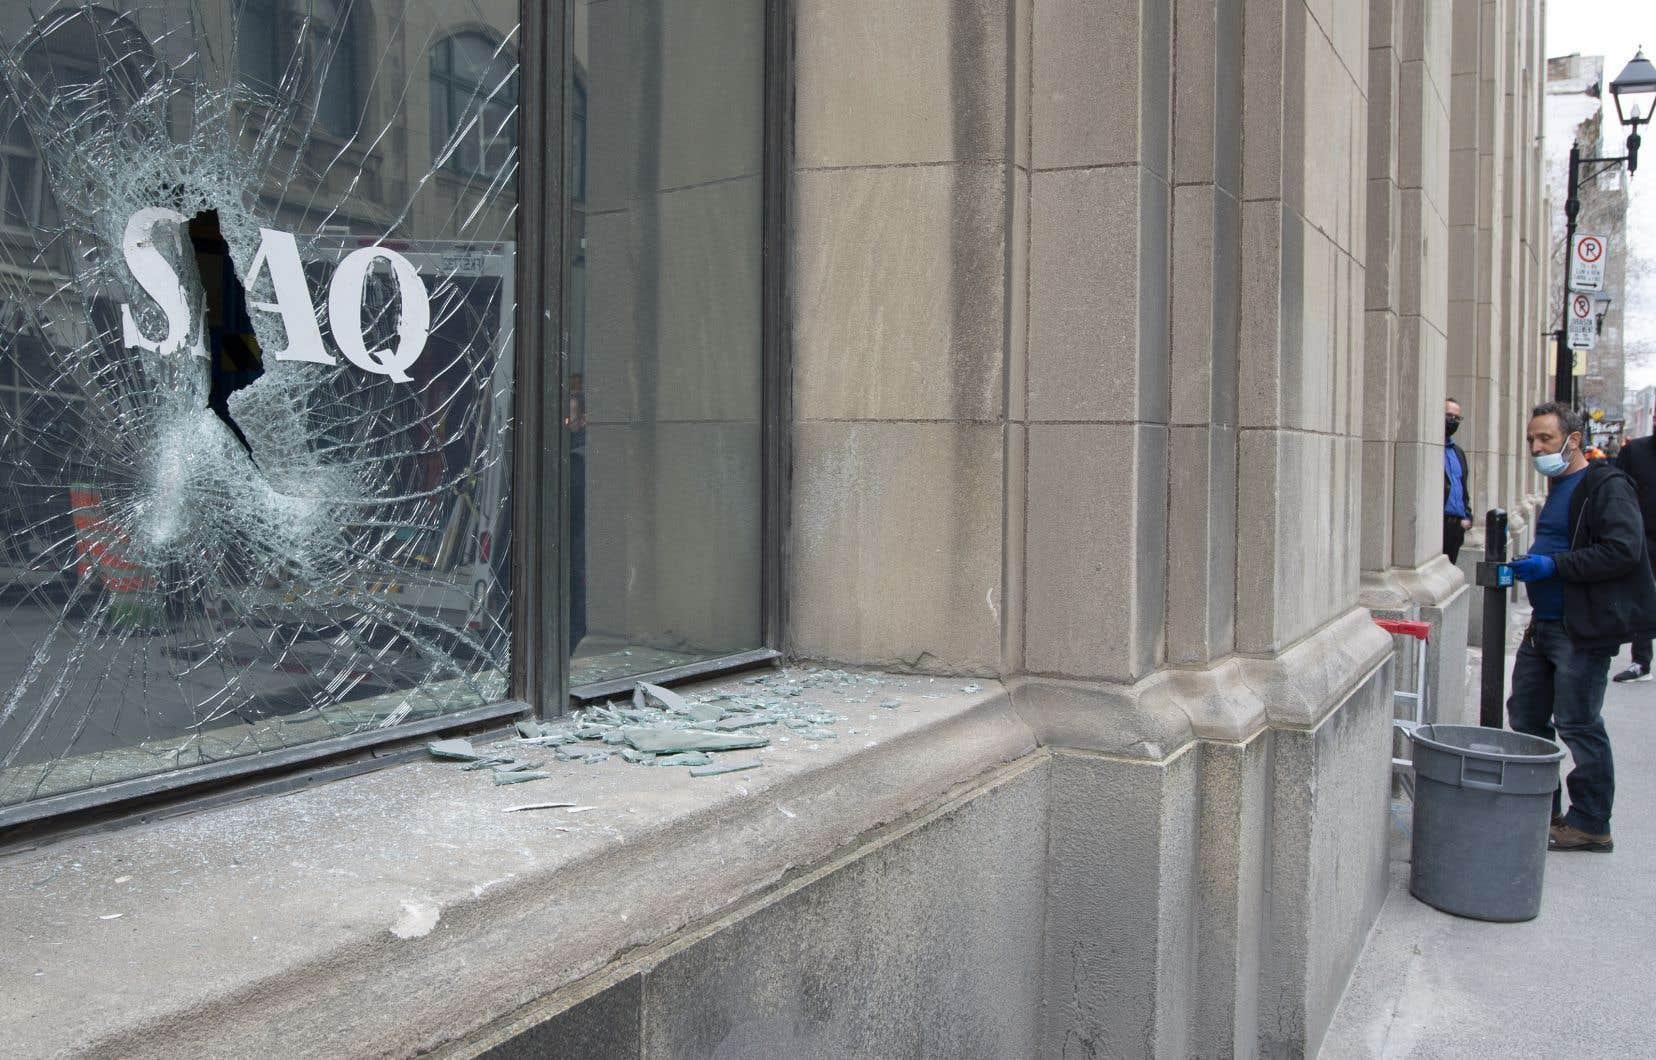 Plusieursvitrines de commerces dans les rues du Vieux-Montréal ont été fracassées dimanche dernier, en marge d'une manifestation contre le retour du couvre-feu à 20h.